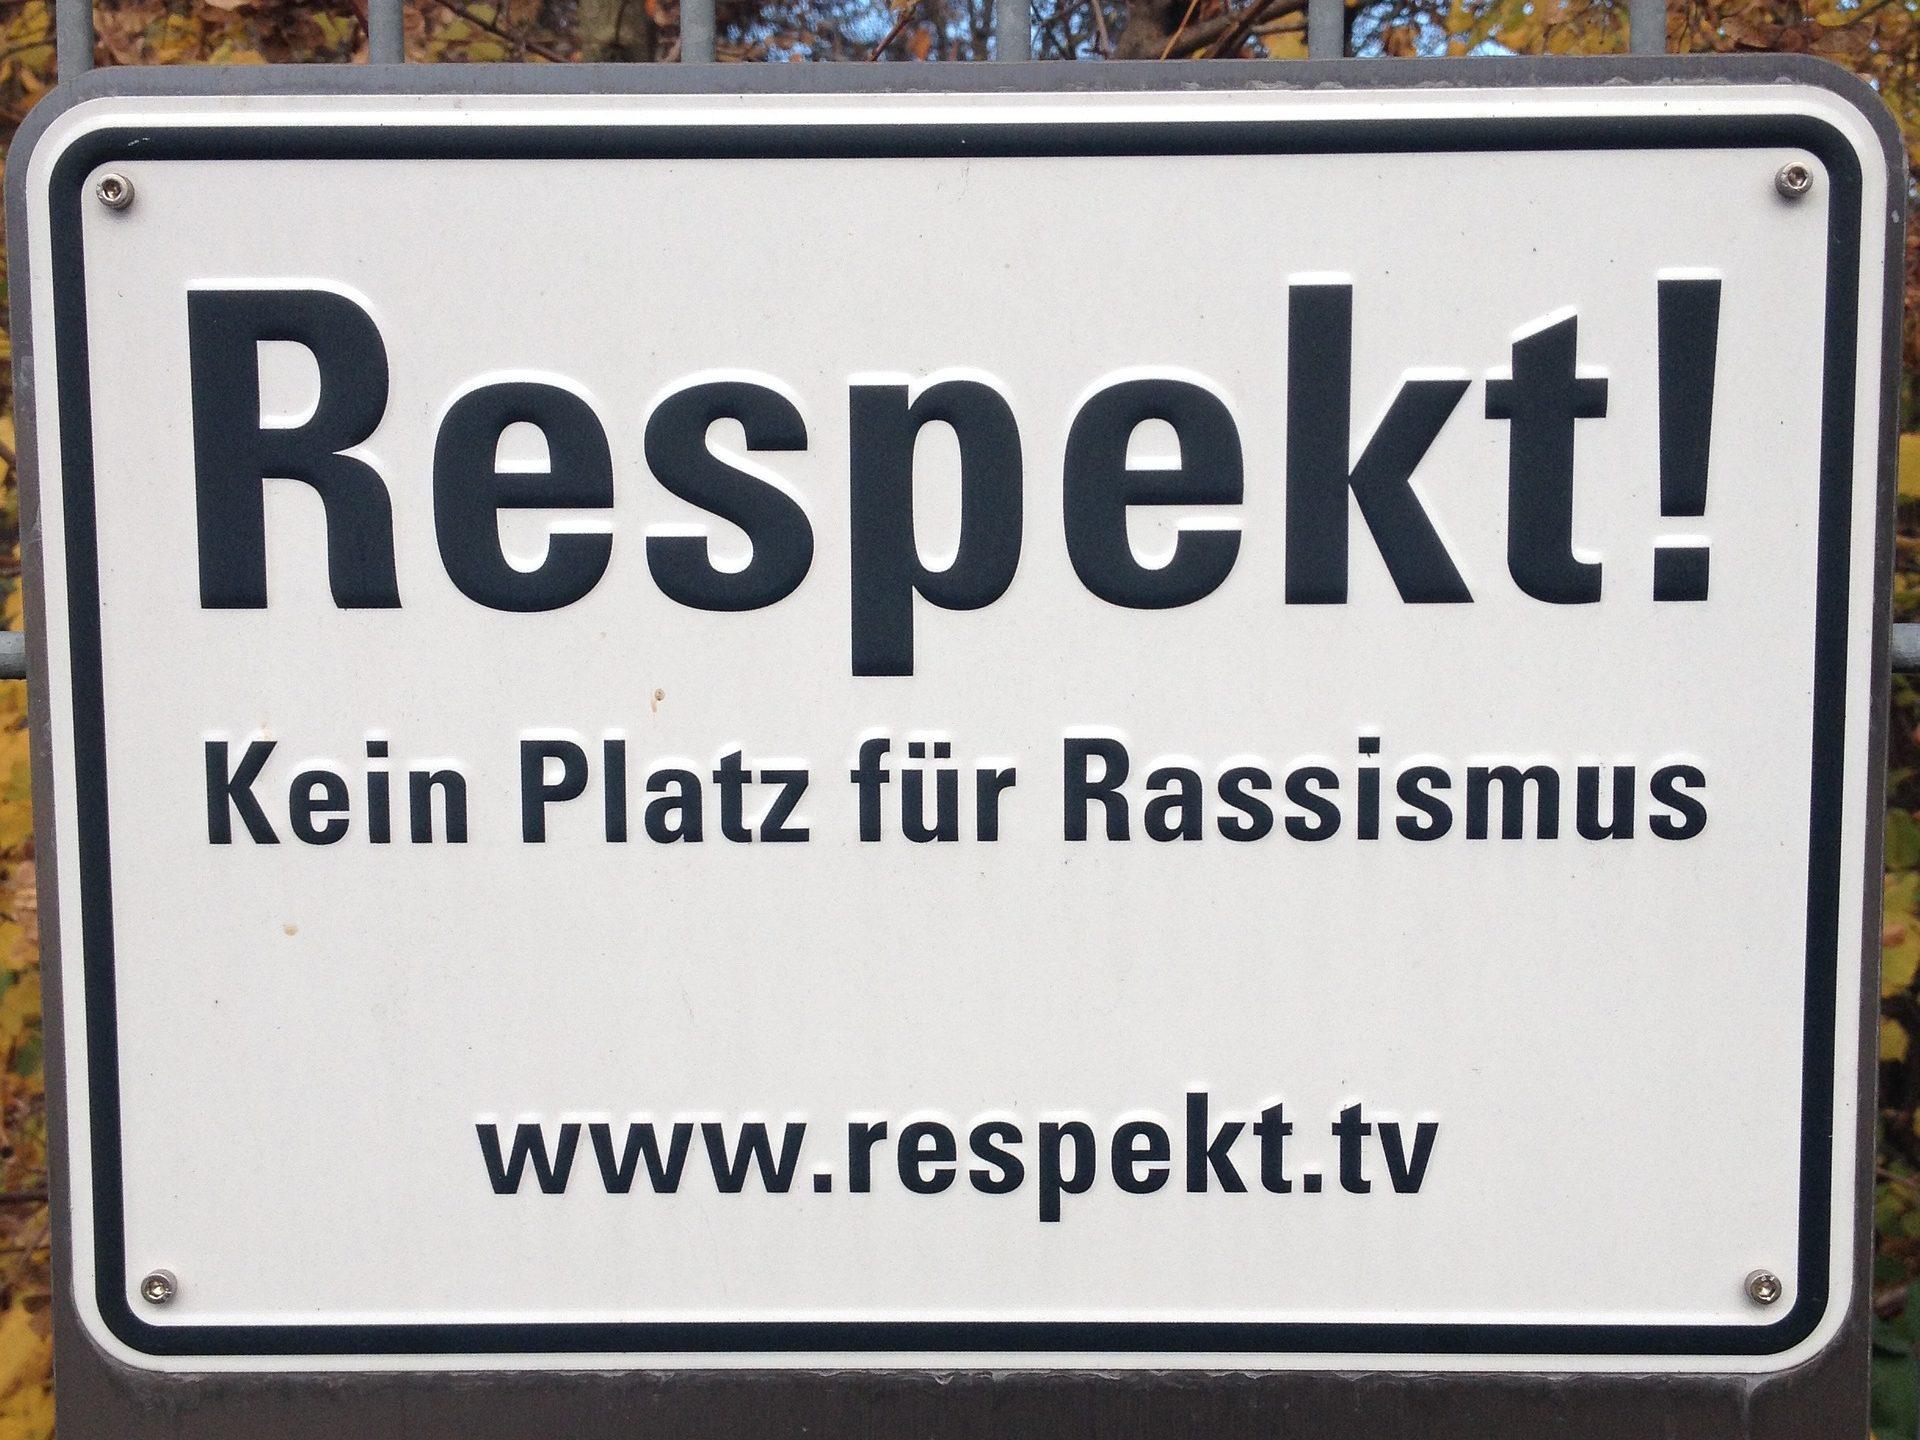 Respekt! Kein Platz für Rassismus. - www.respekt.tv